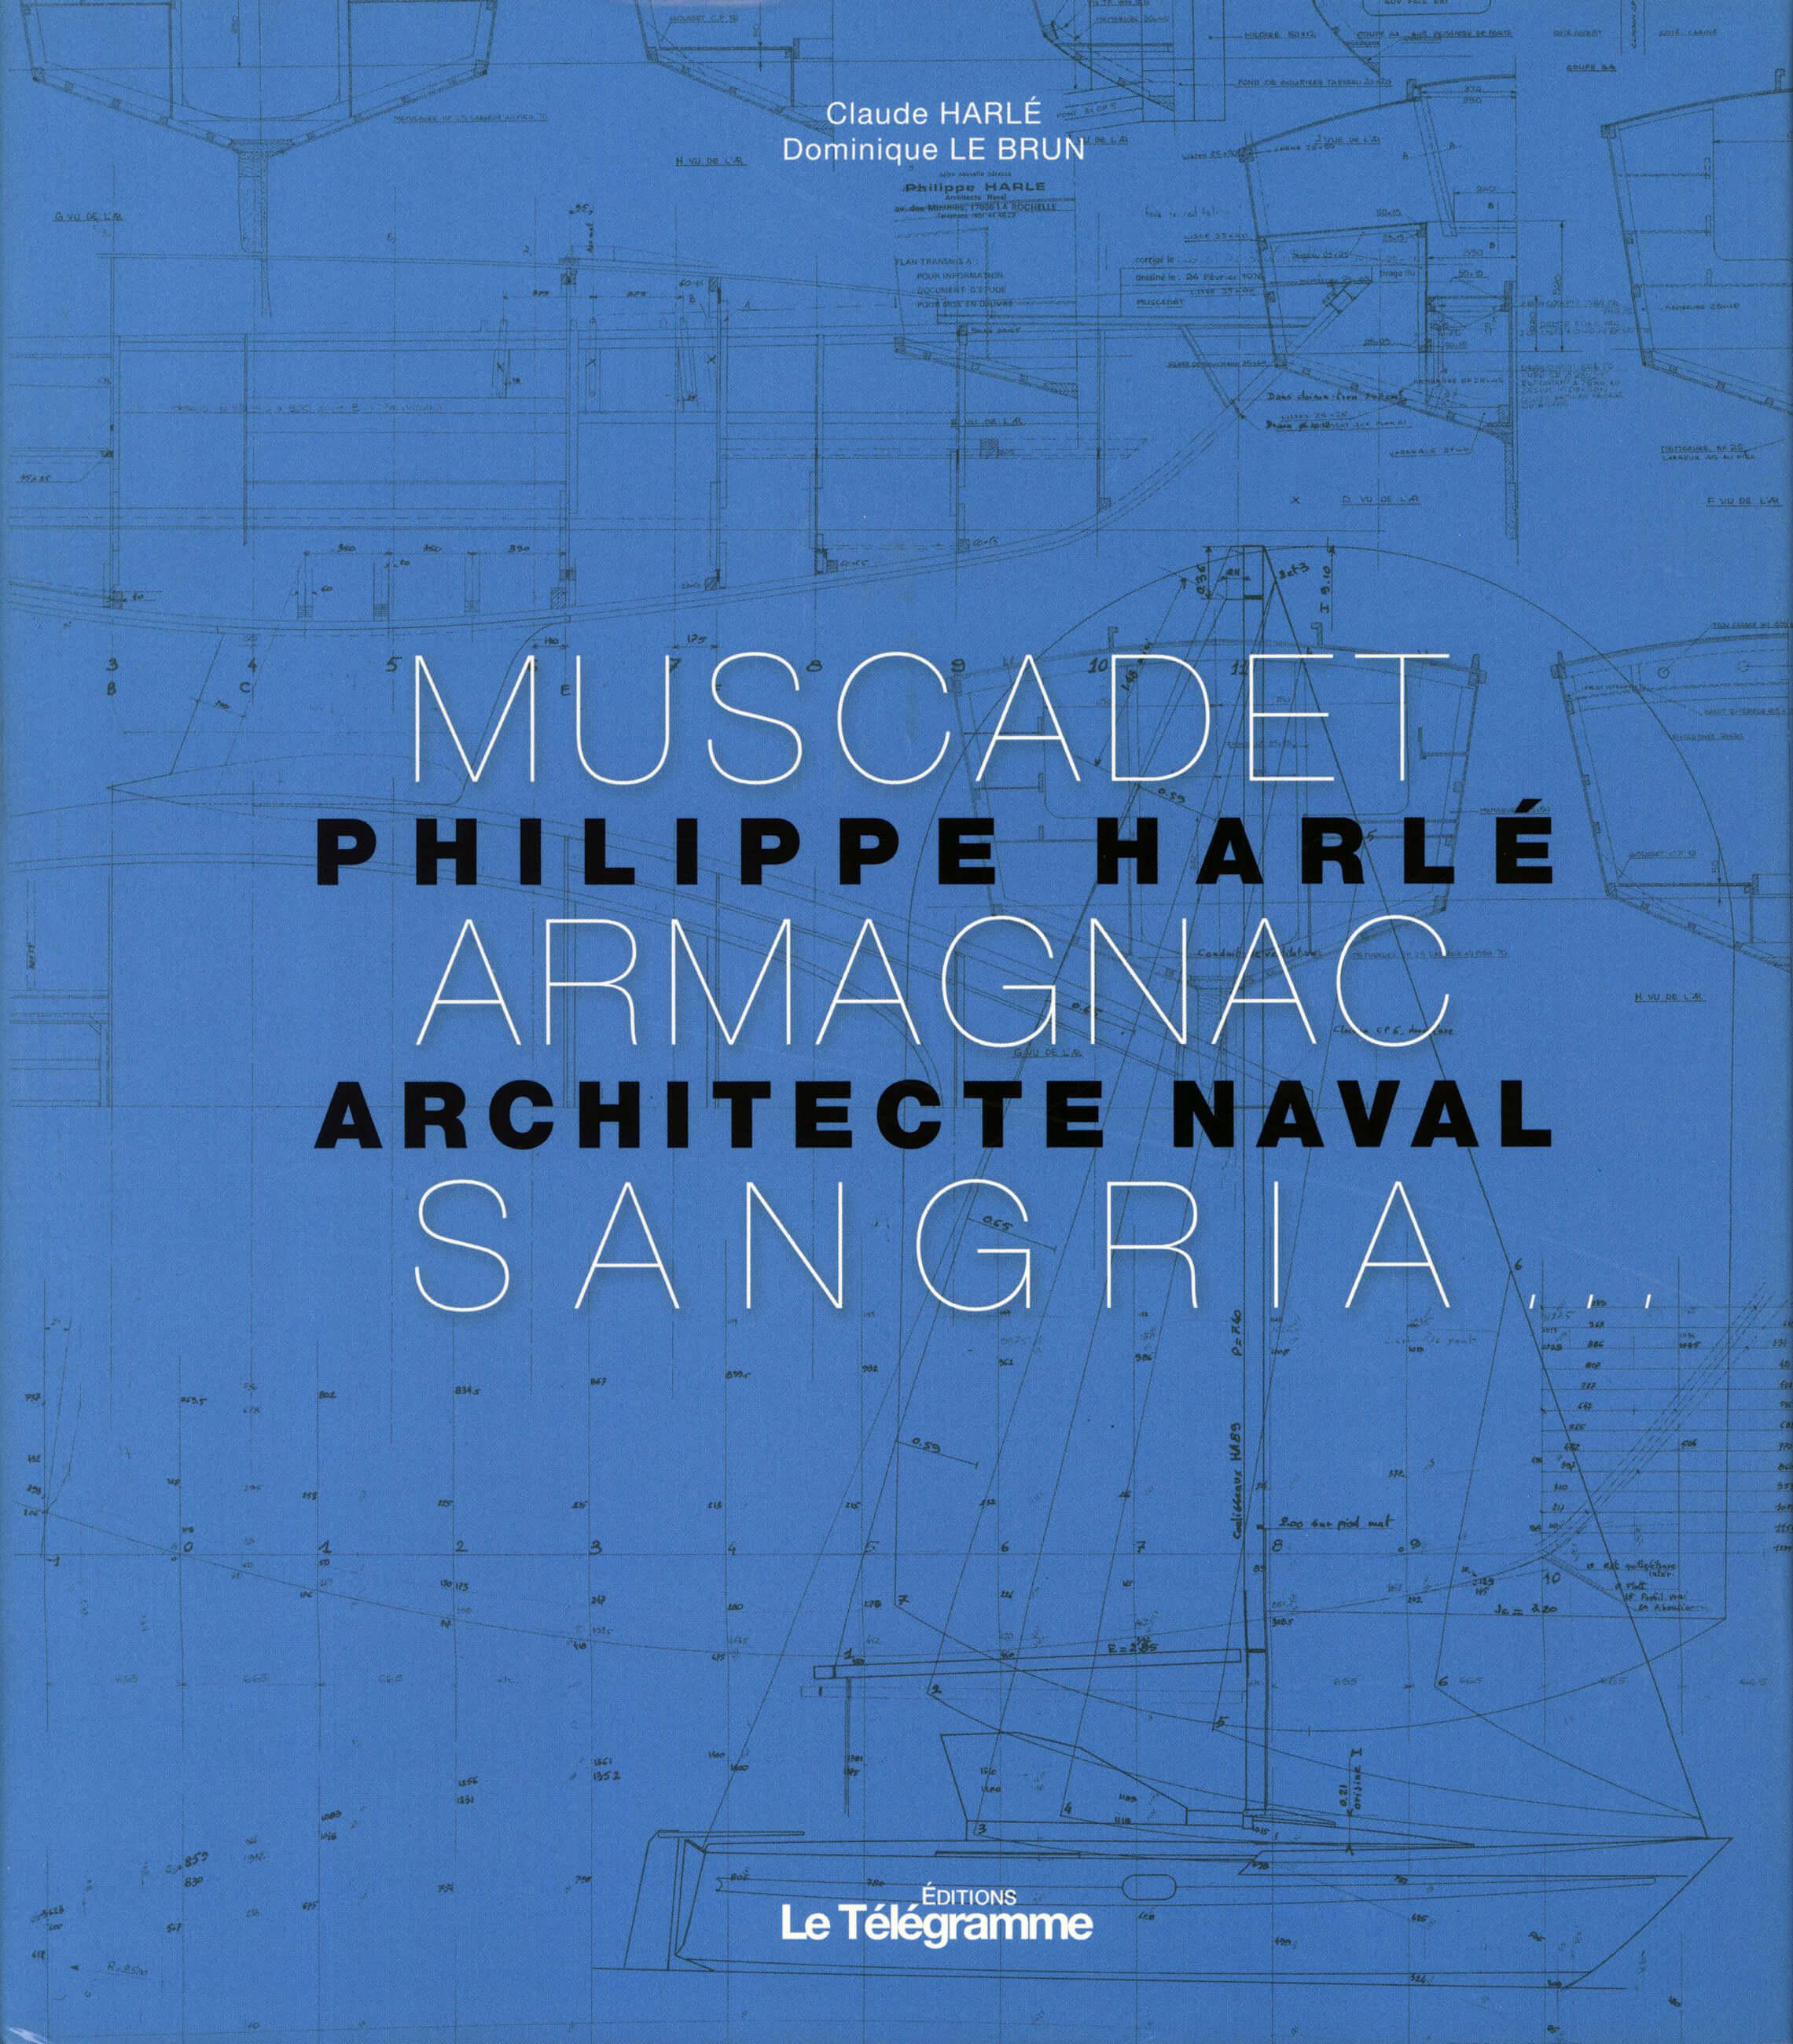 PDM 2012 - Claude HARLÉ & Dominique LE BRUN - Philippe Harlé, Architecte naval - Éditions Le Télégramme